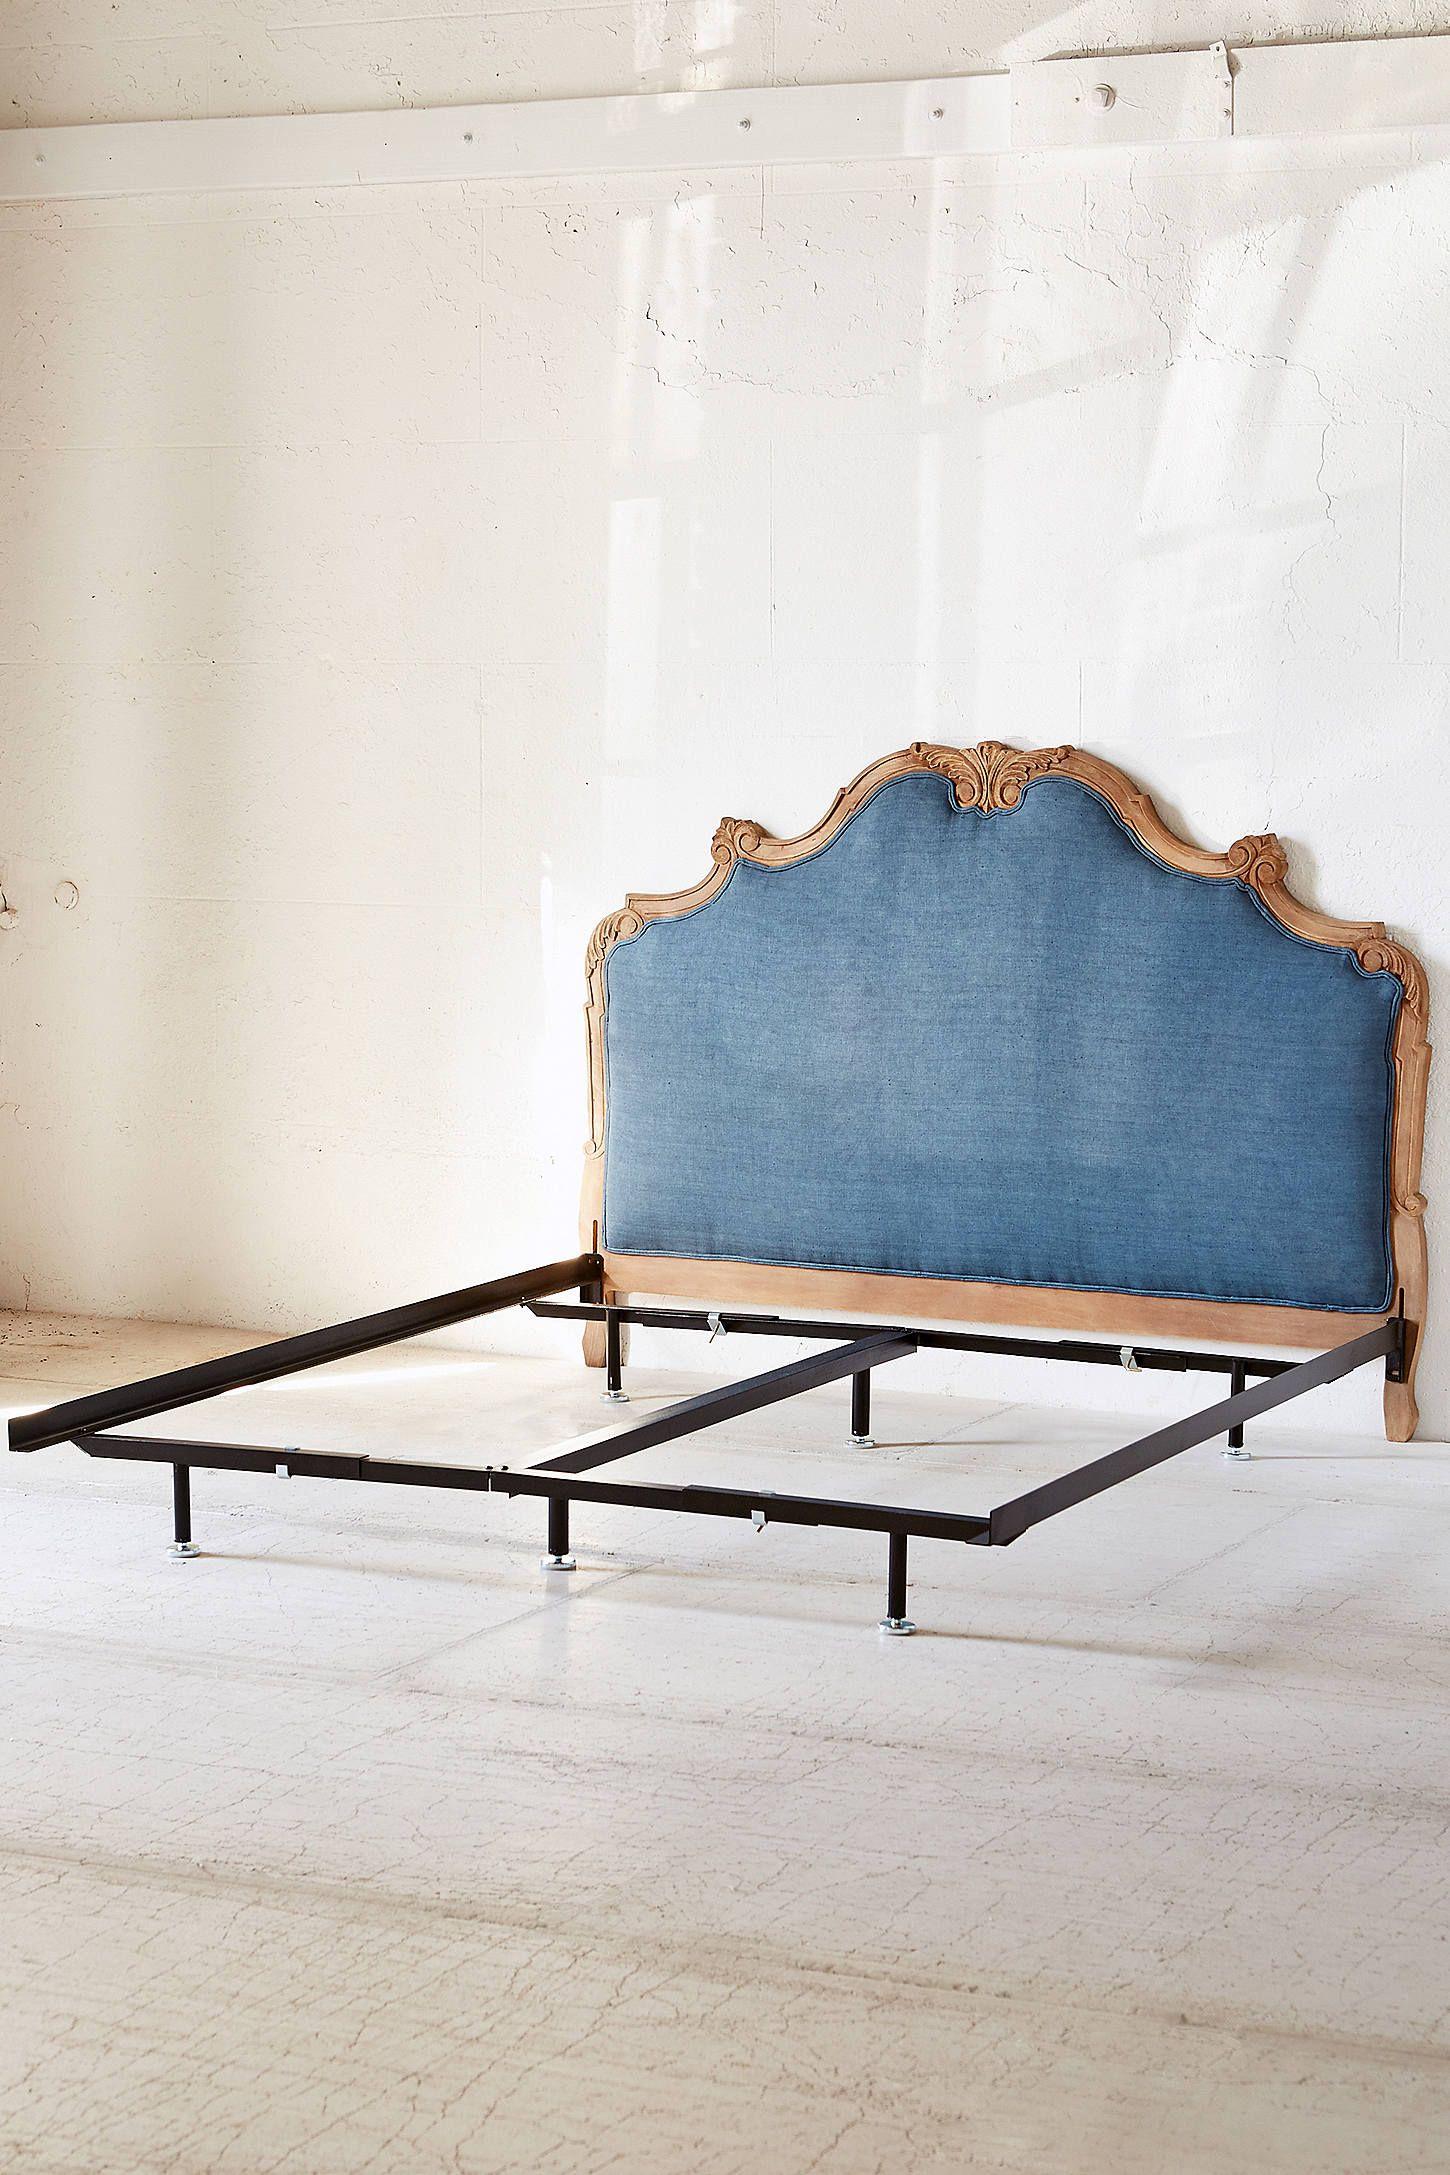 Basic Metal Bed Frame In 2020 Denim Furniture Bedroom Layouts